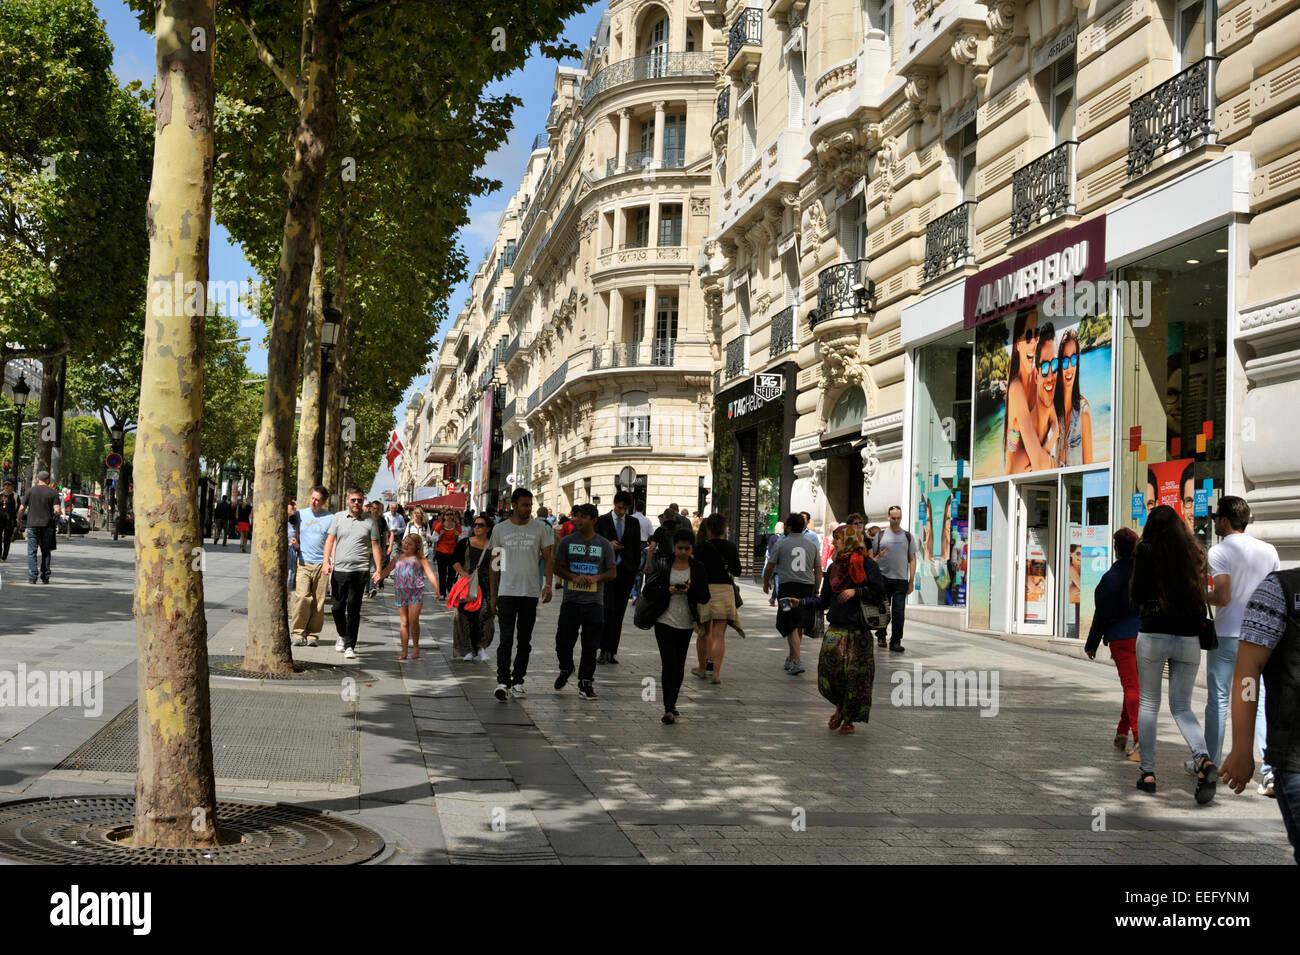 Paris, Avenue des Champs Élysées - Stock Image